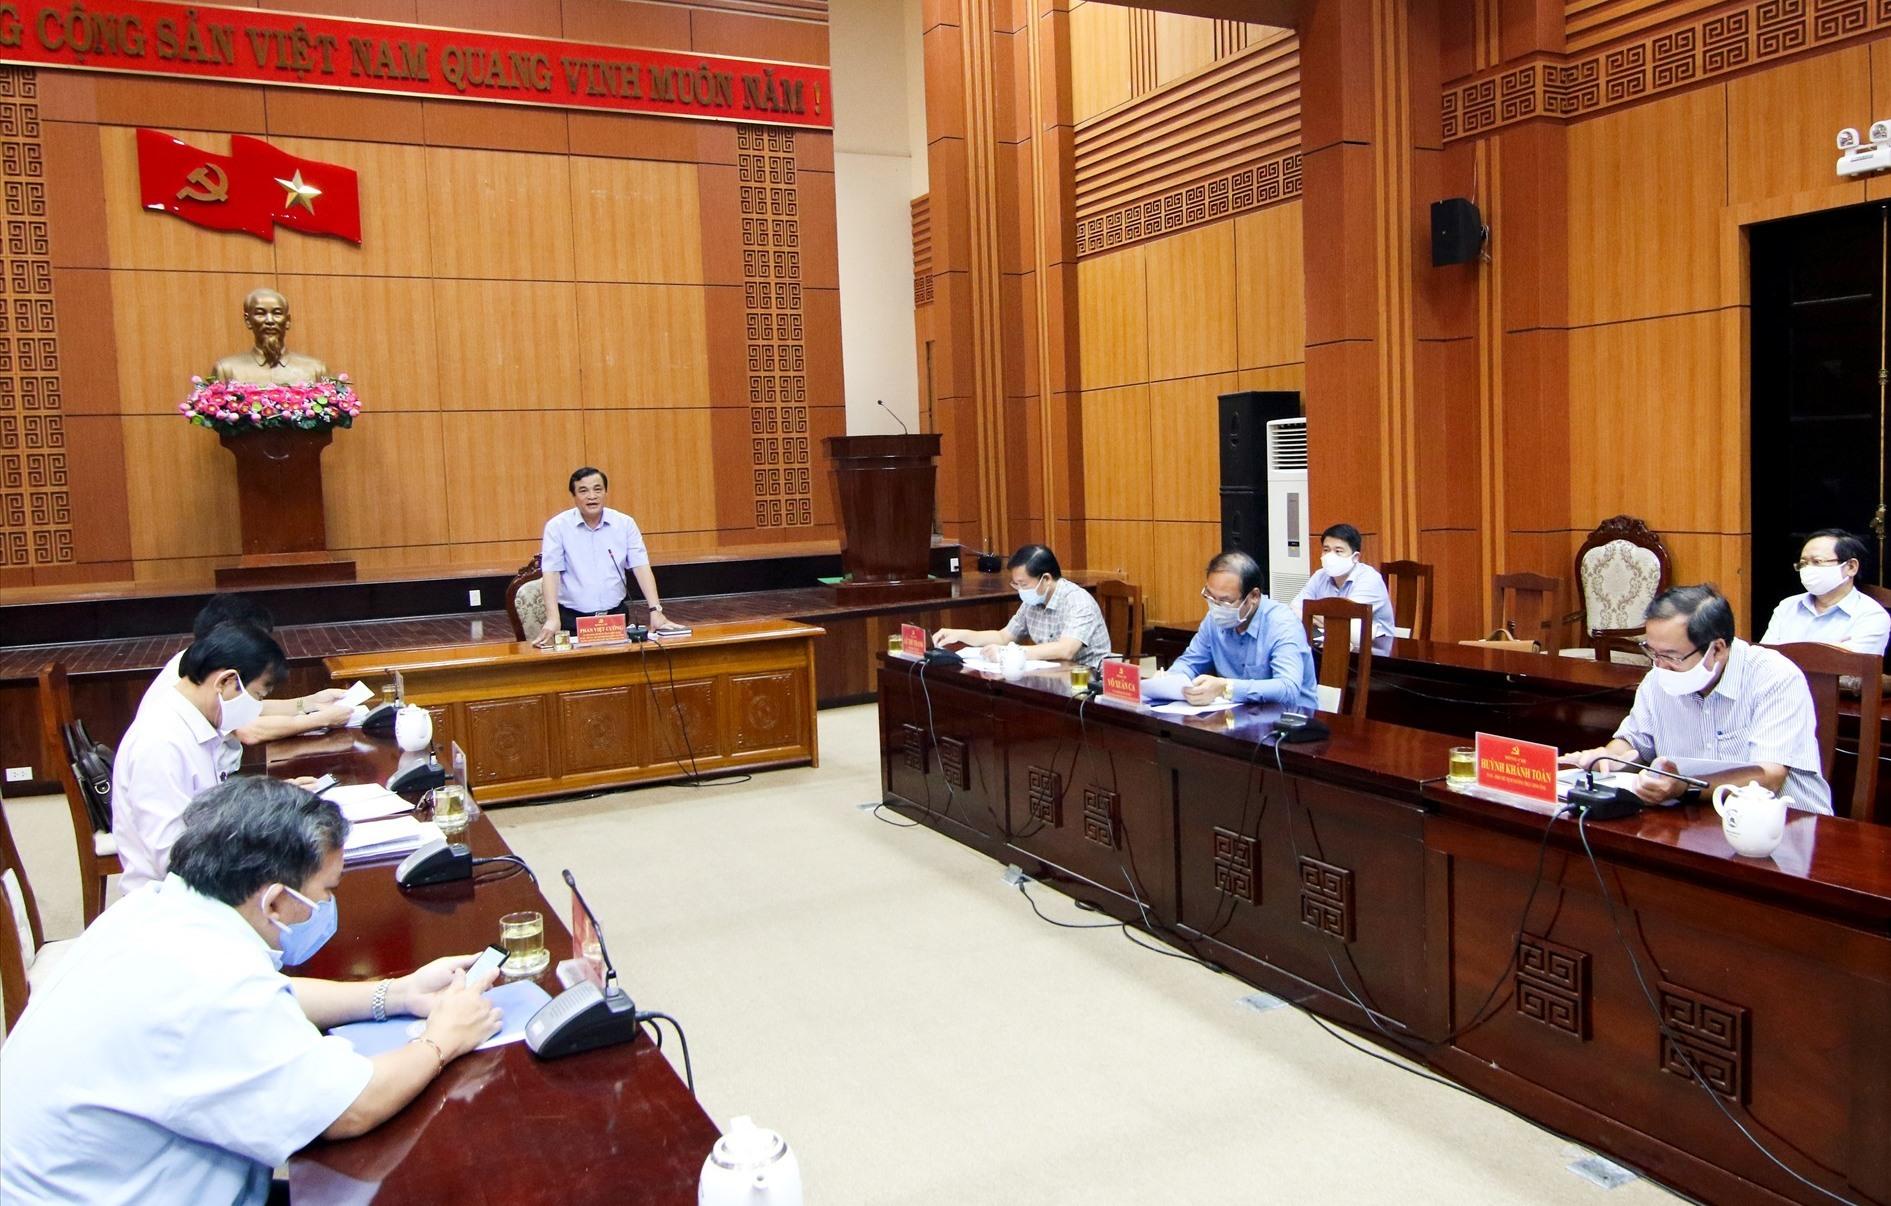 Bí thư Tỉnh ủy Phan Việt Cường kết luận tại buổi làm việc